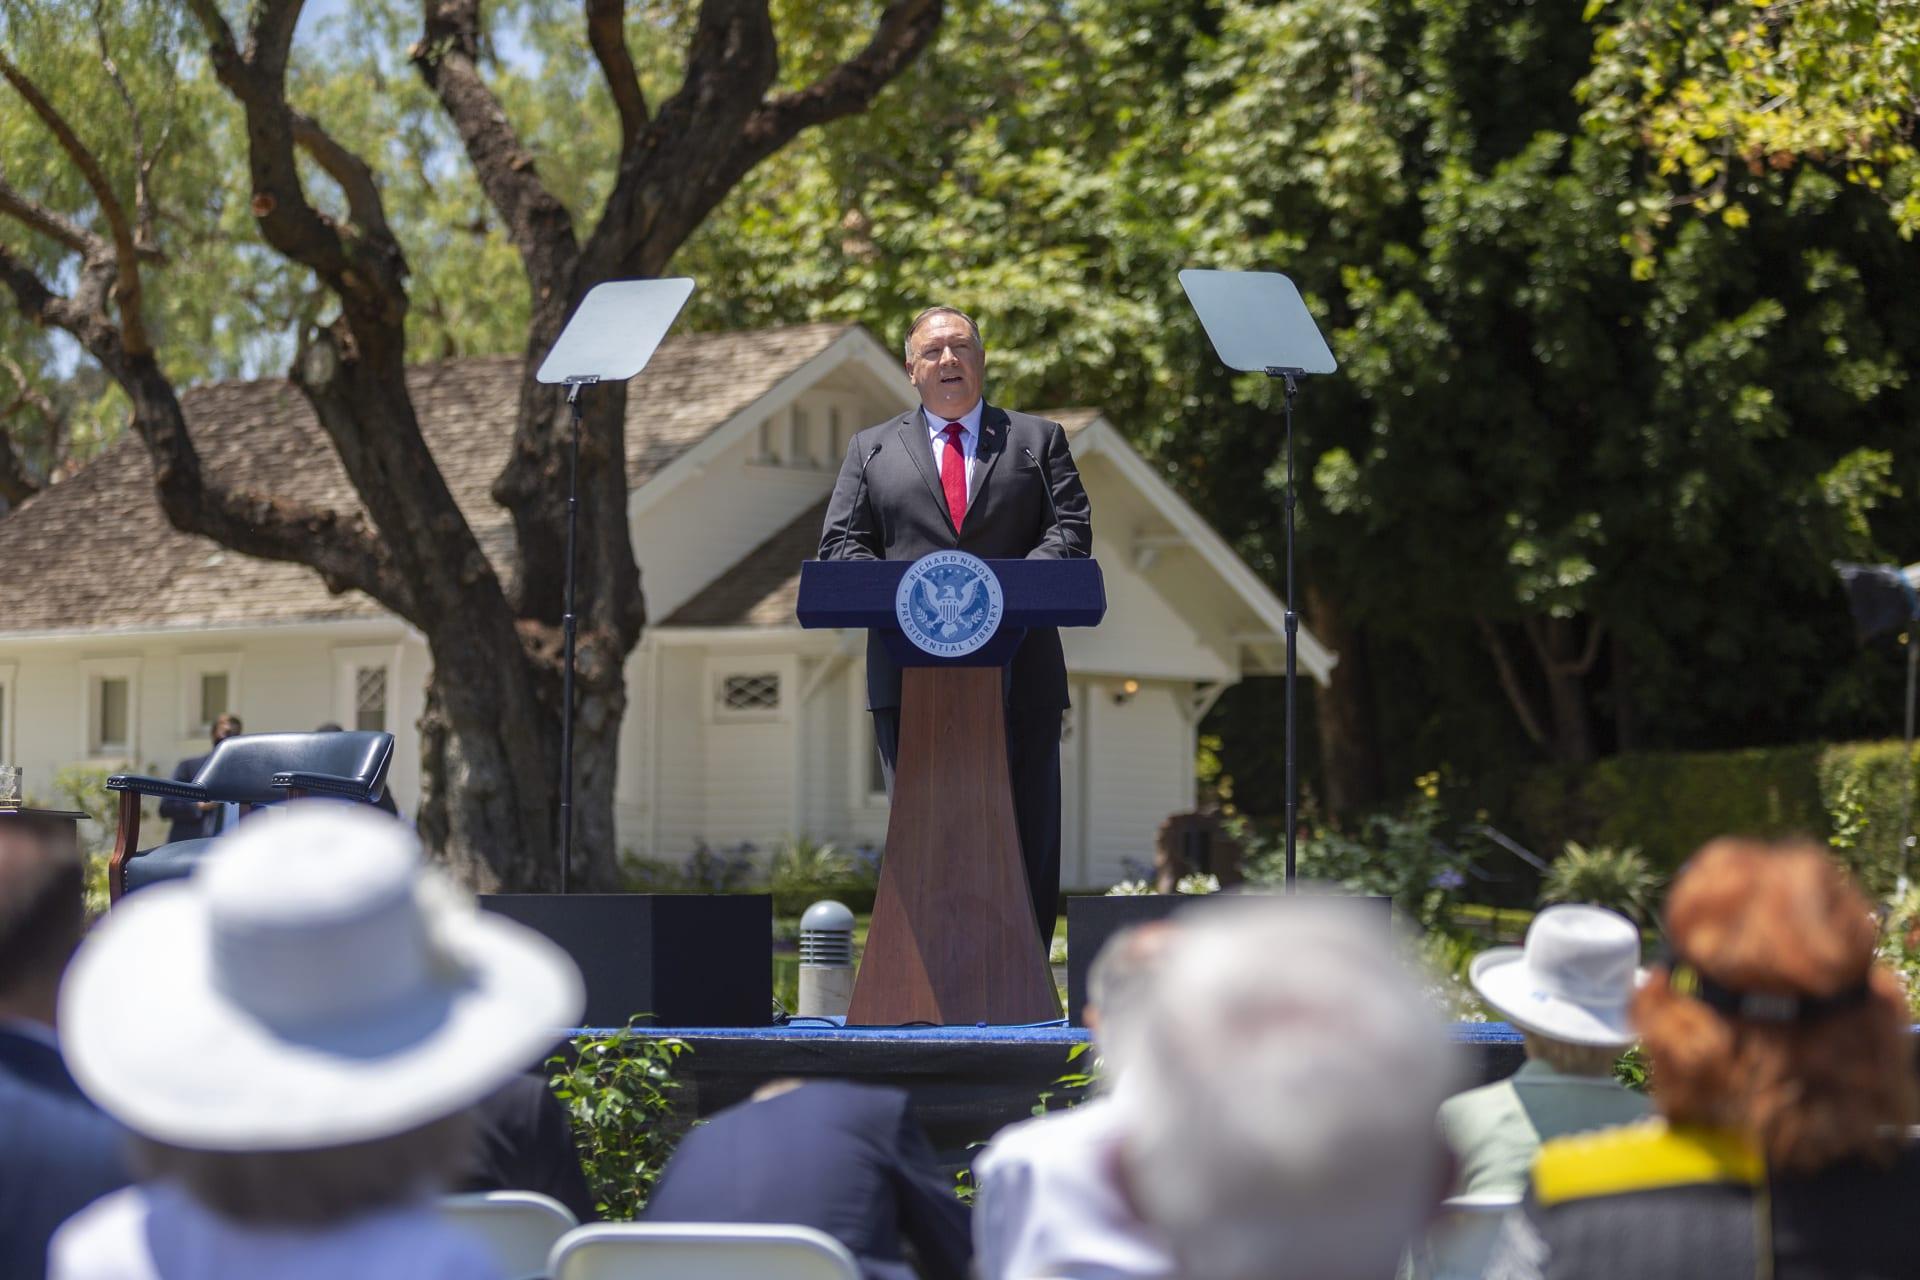 وزير الخارجية الأمريكي مايك بومبيو يلقي كلمة في مركز نيكسون حول الصين